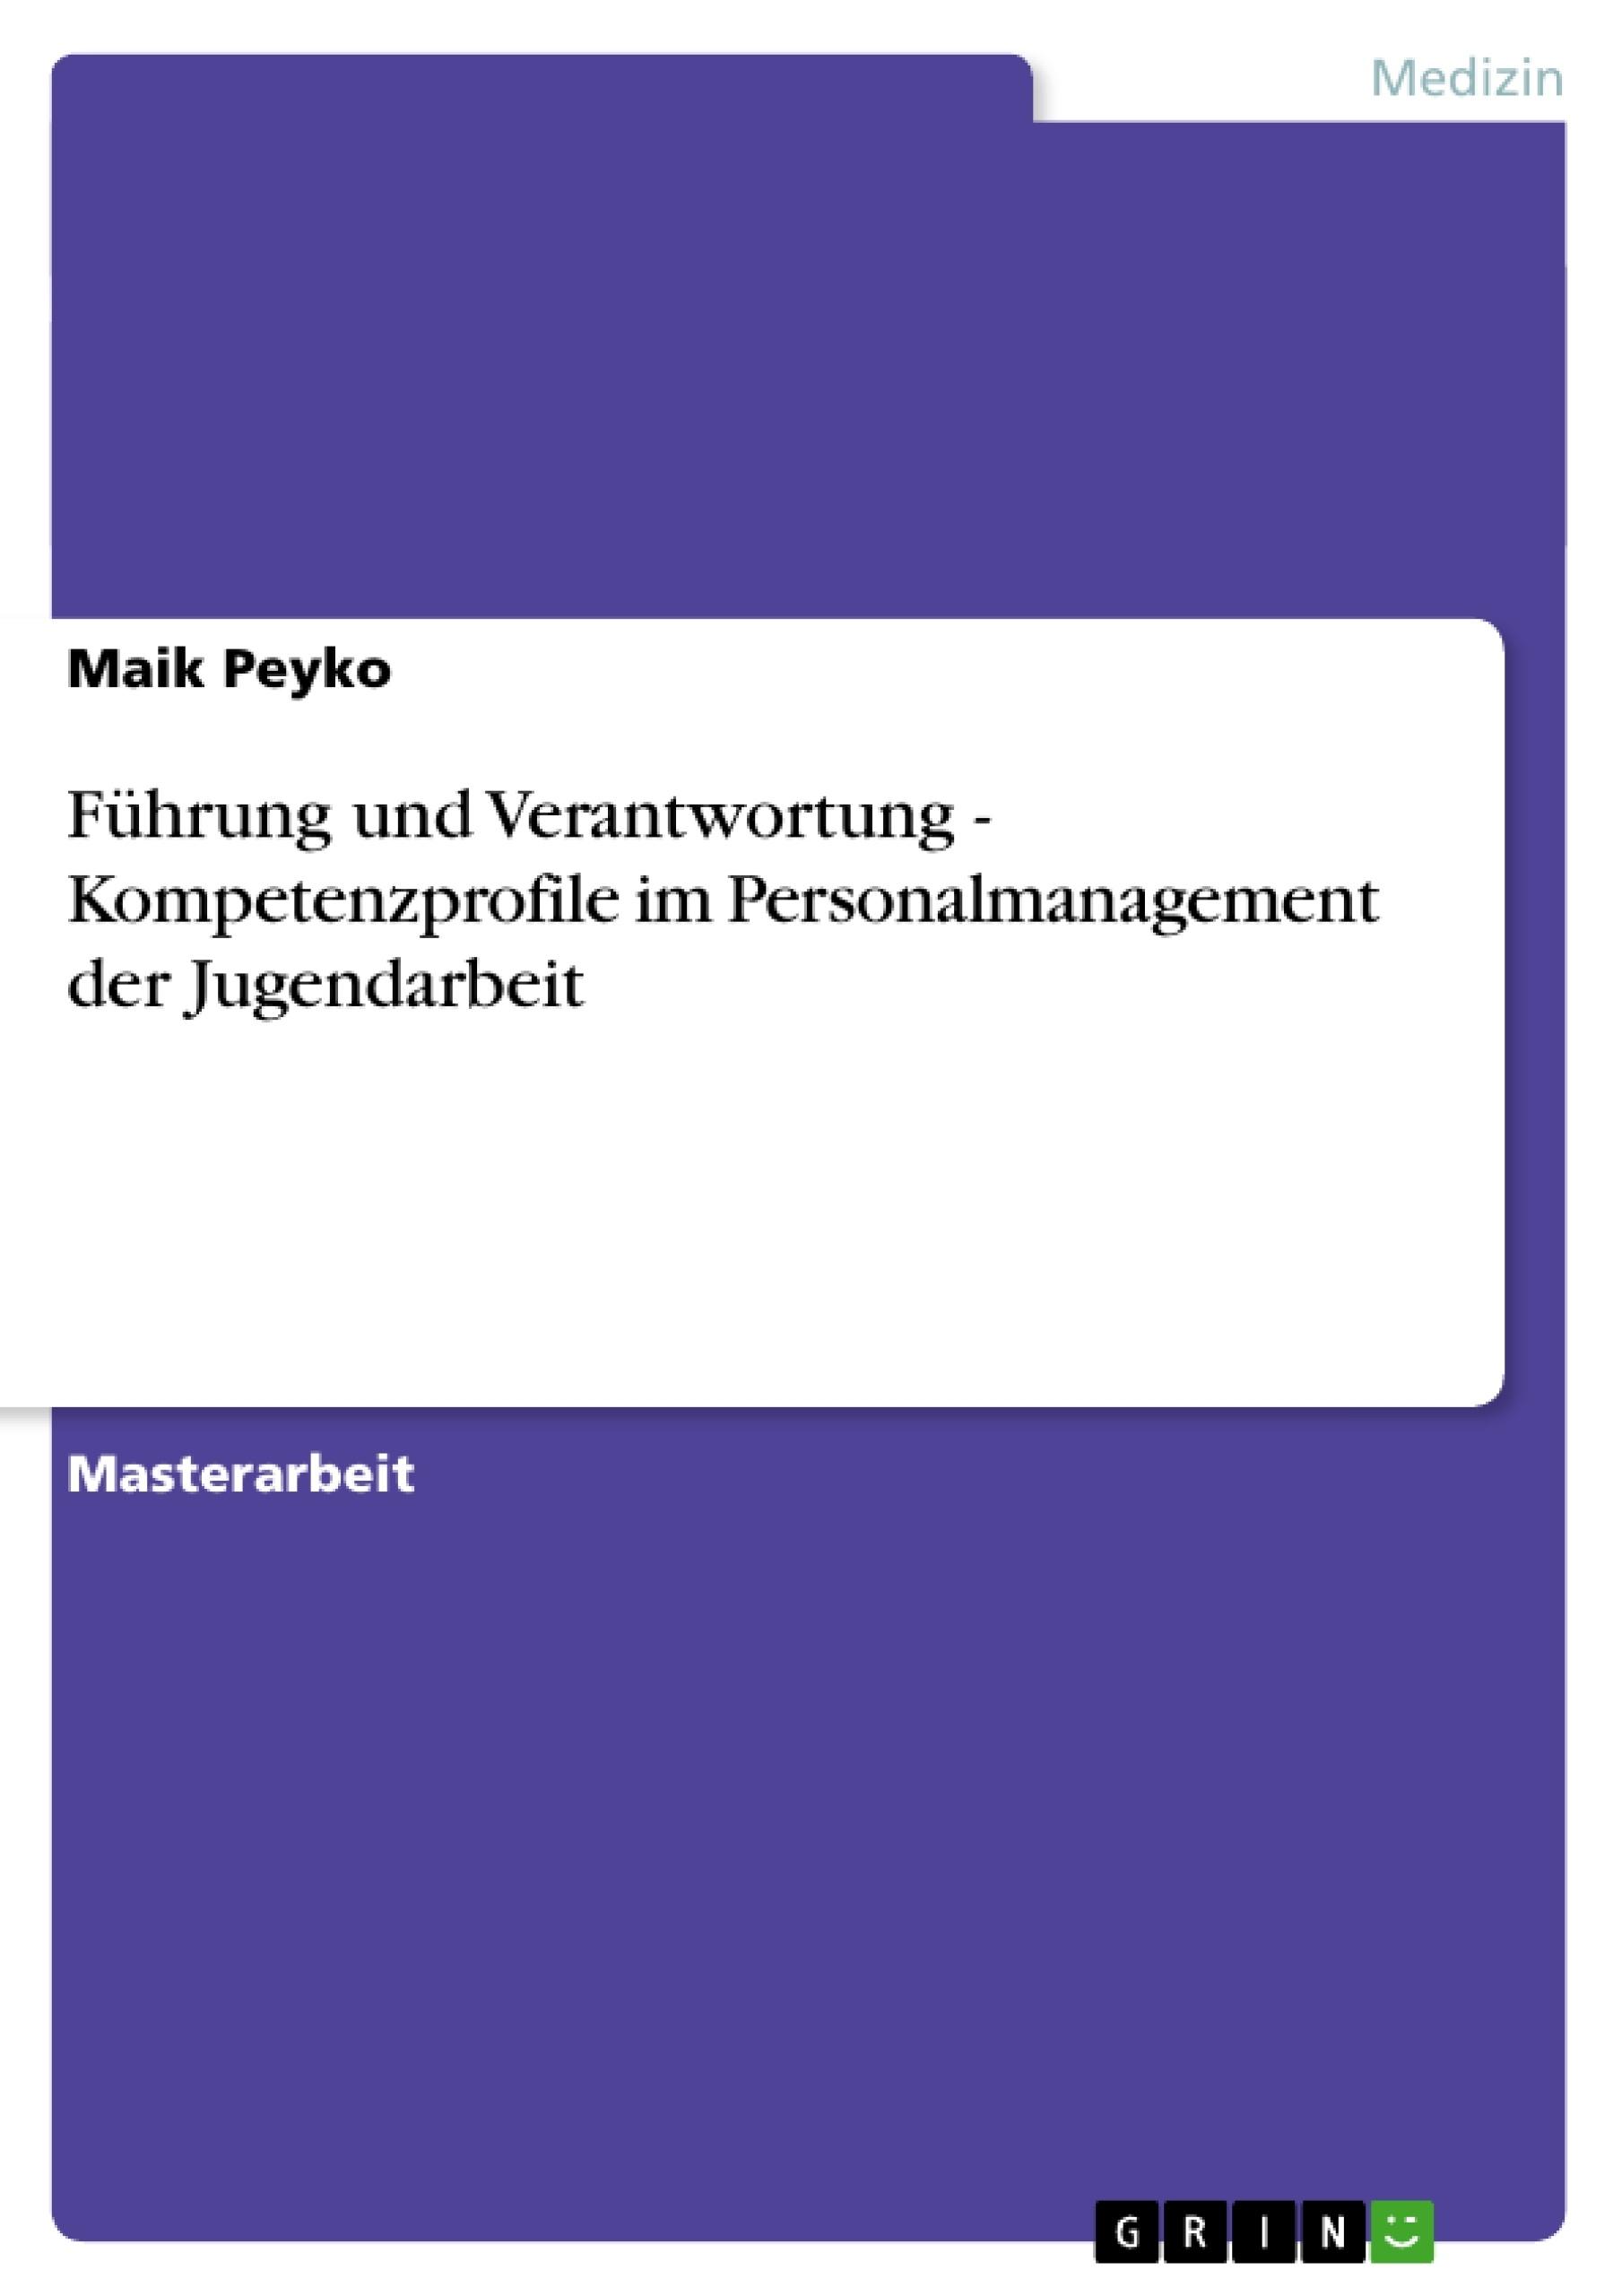 Titel: Führung und Verantwortung - Kompetenzprofile im Personalmanagement der Jugendarbeit